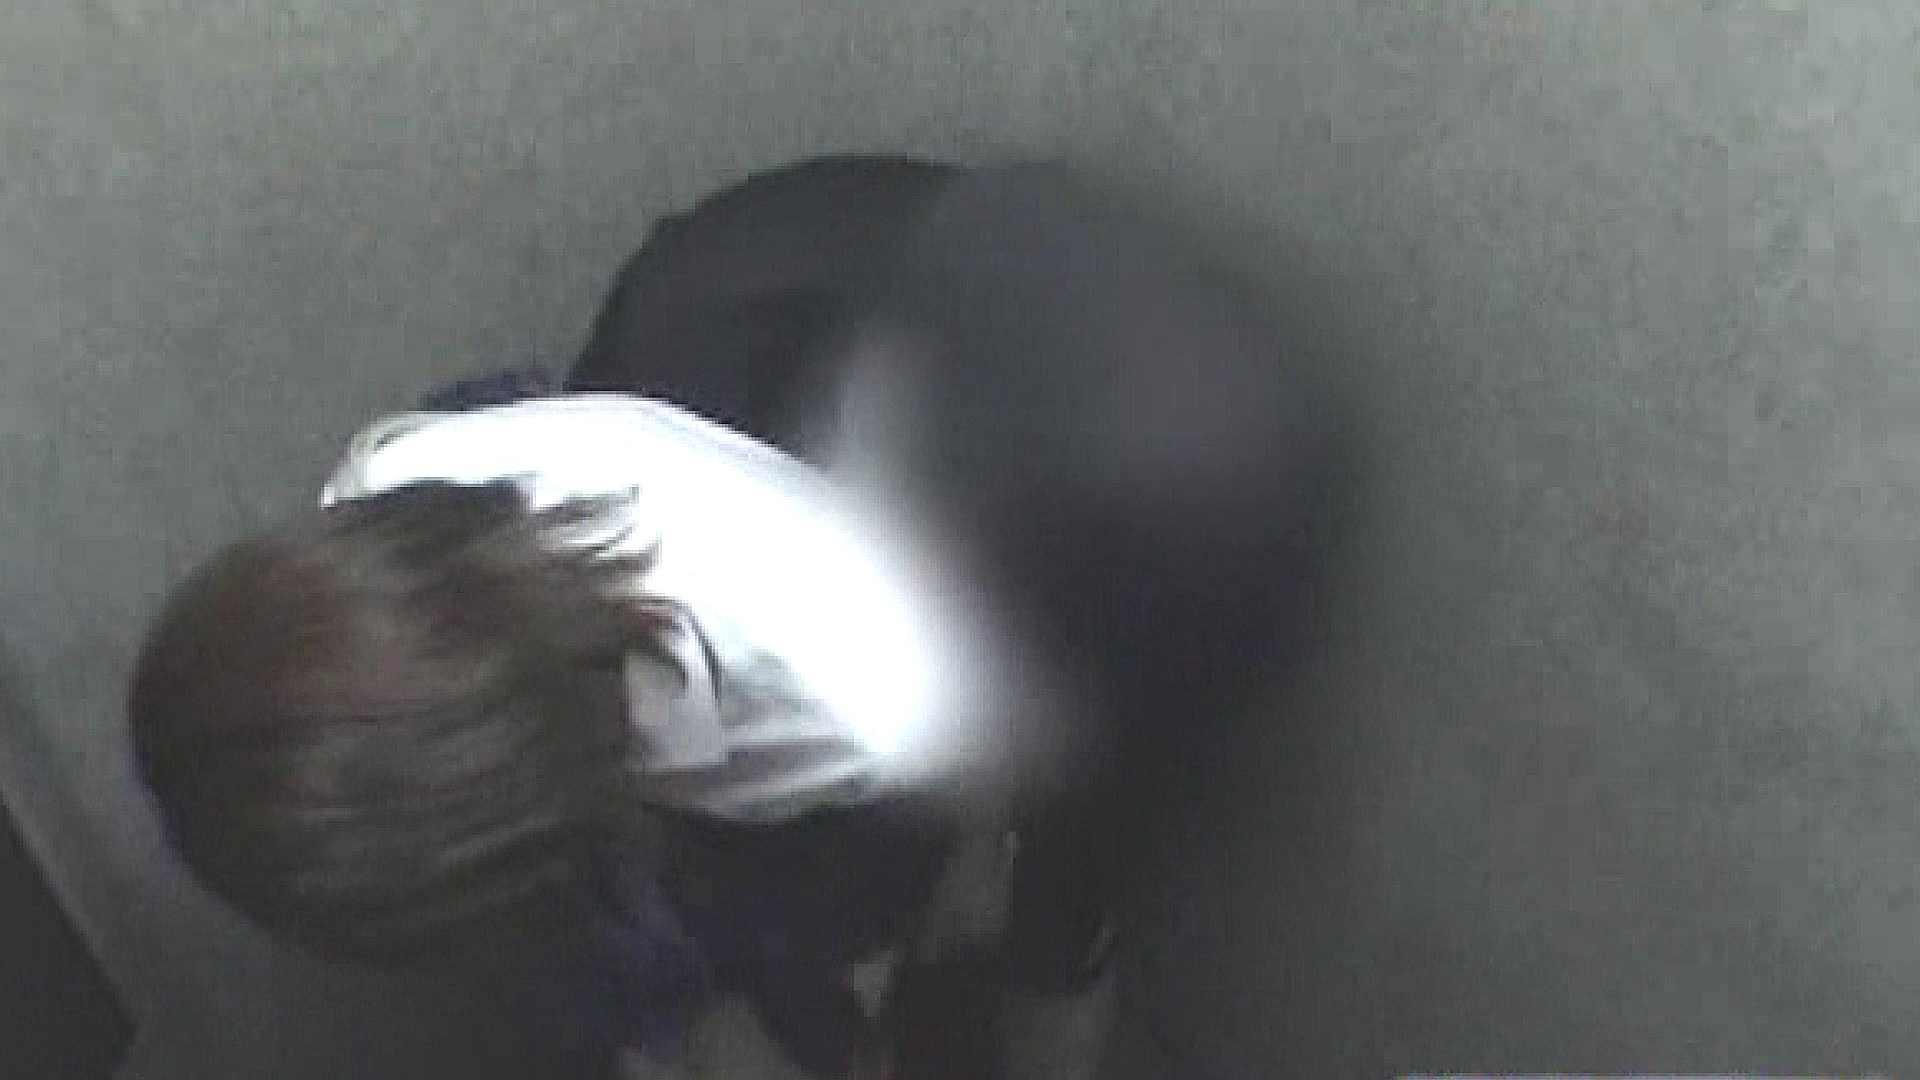 密室盗撮 vol.05 盗撮 のぞき動画画像 93画像 89